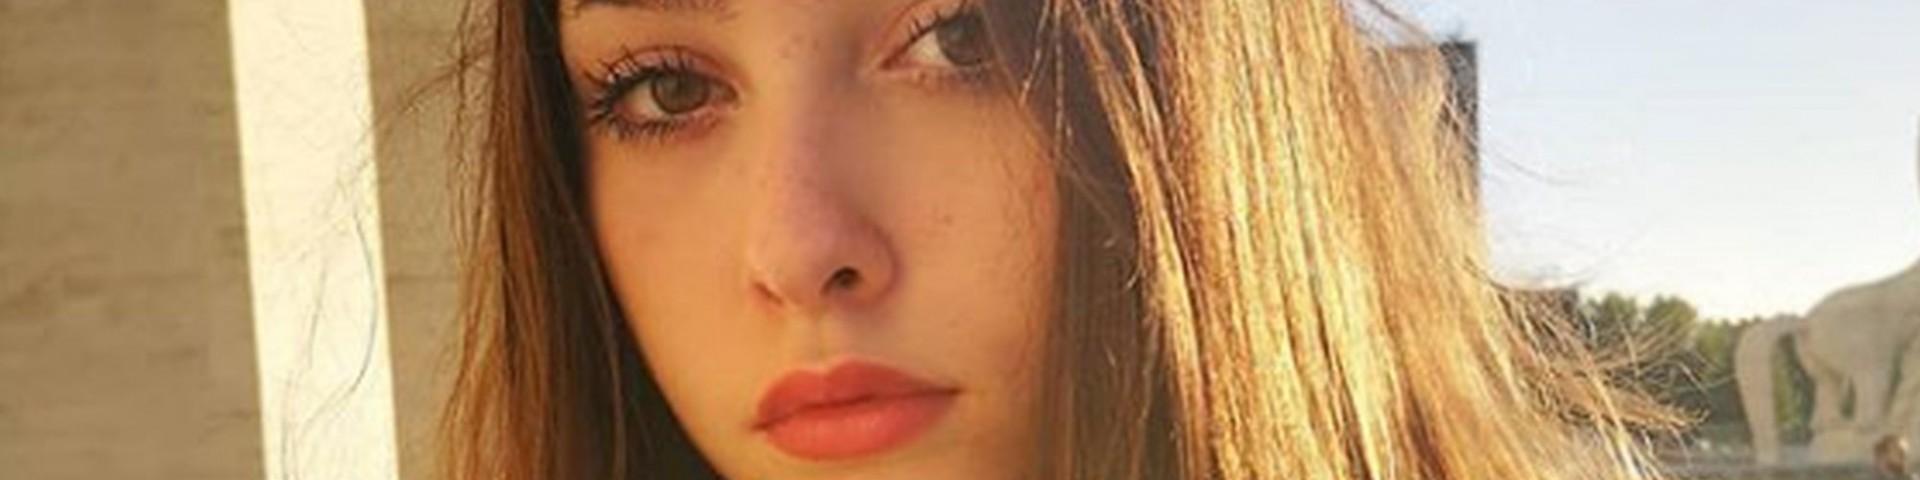 Chi è Claudia Dorelfi de Il Collegio?